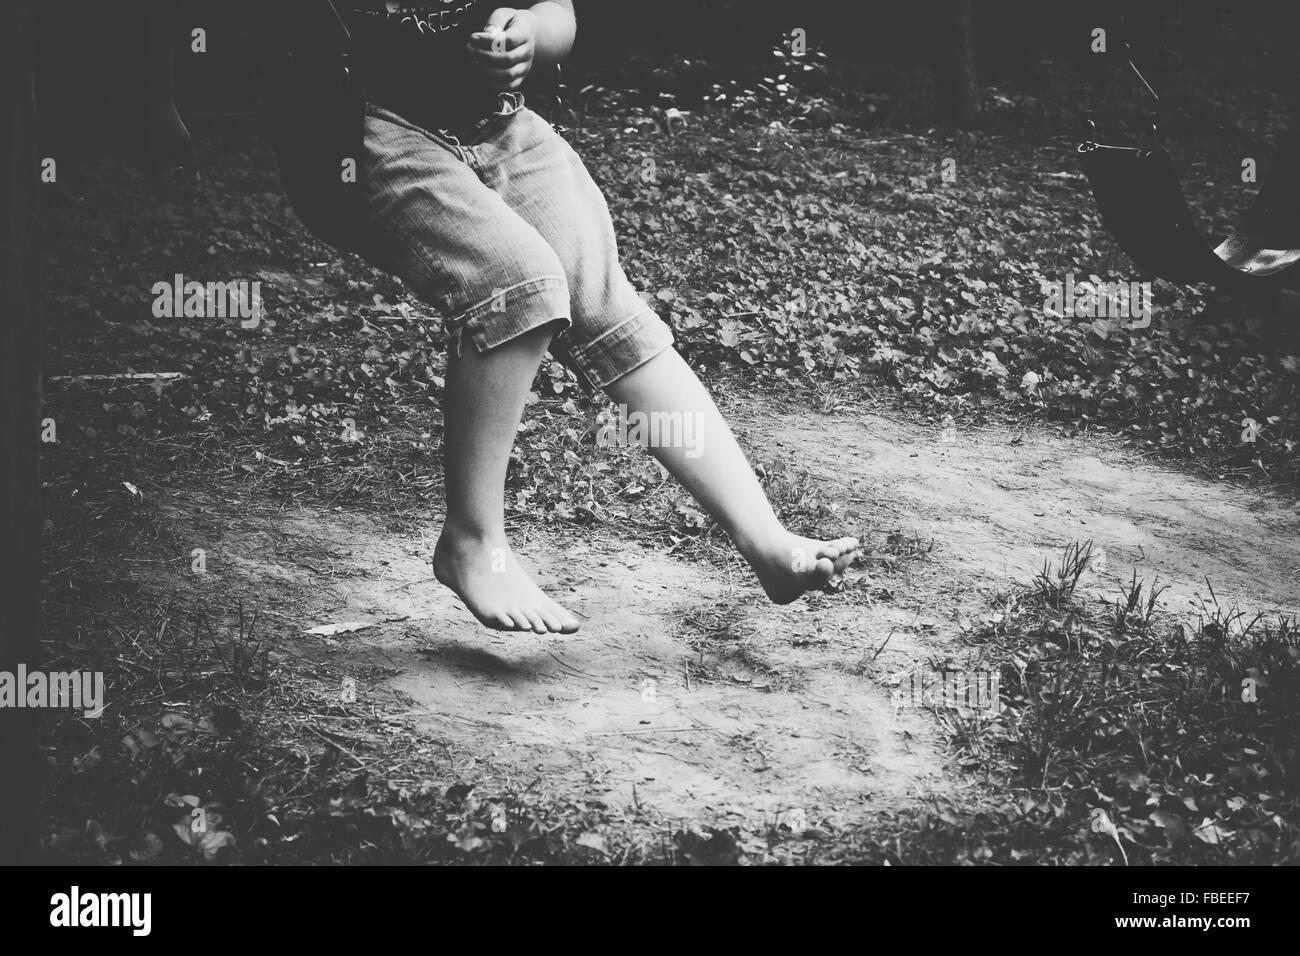 Sezione bassa di un ragazzo salta all'aperto Immagini Stock